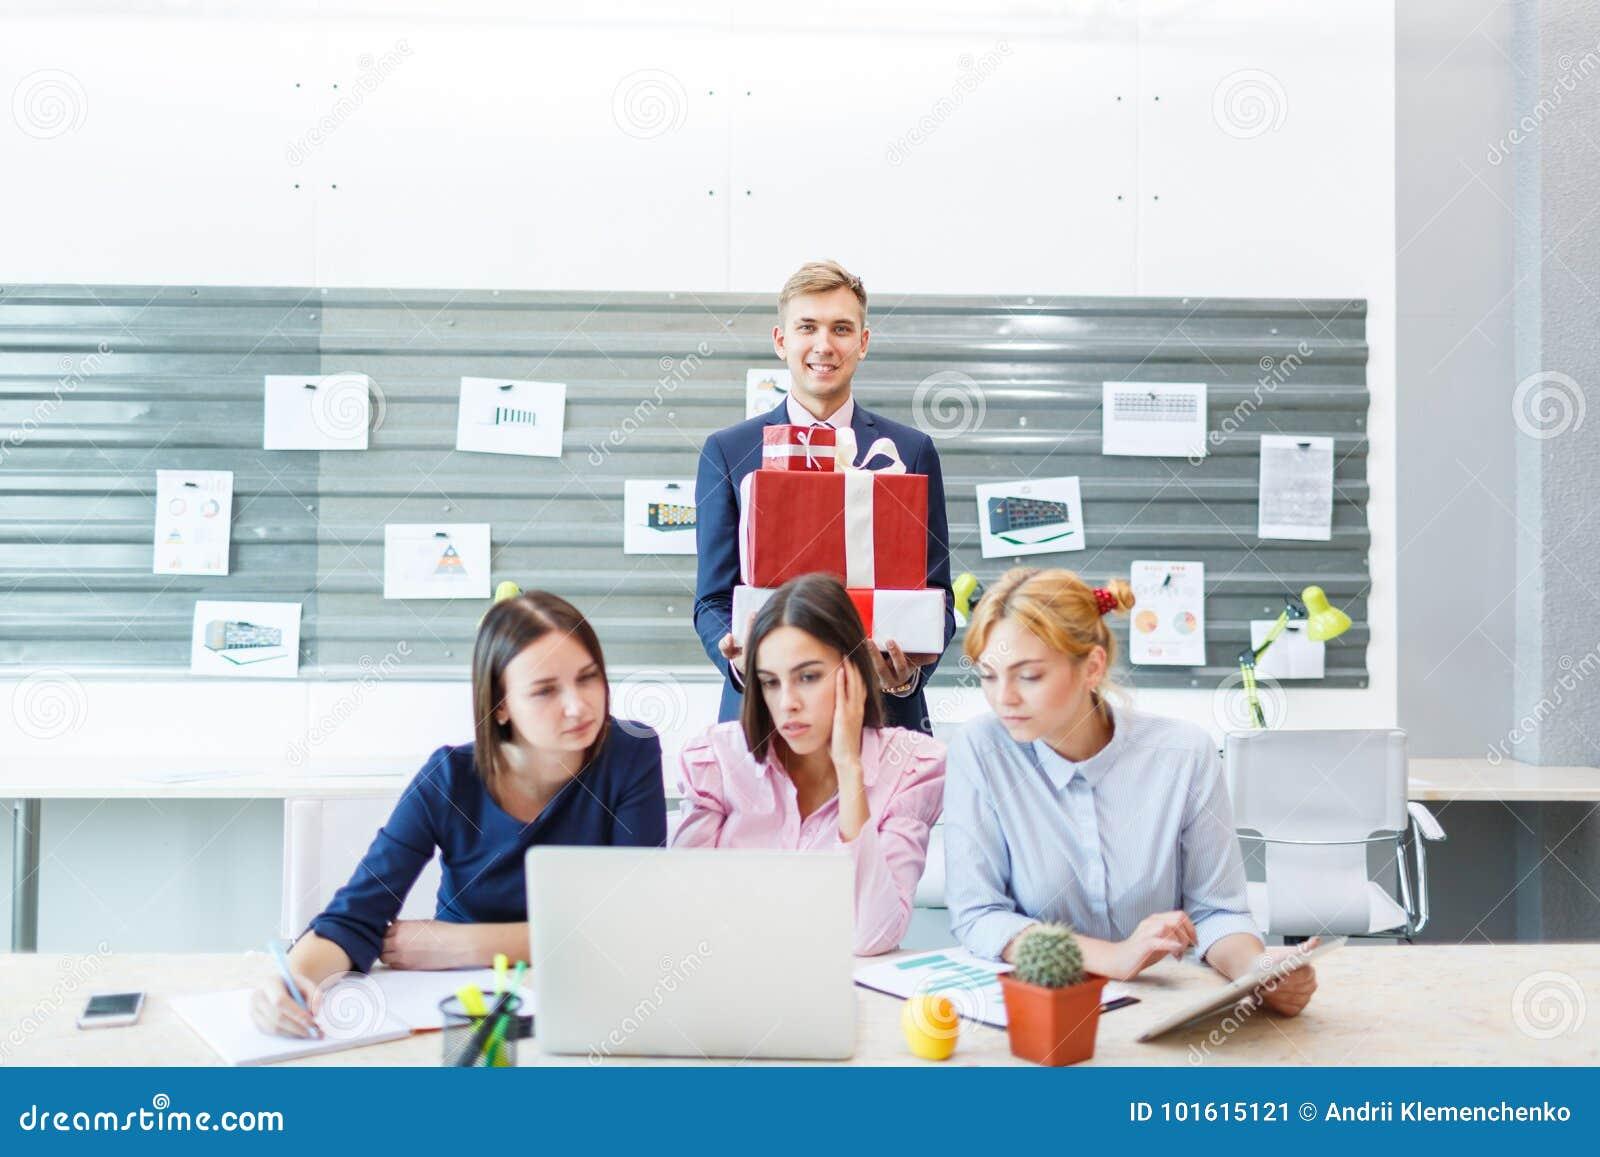 Geschäftsteam in einem modernen hellen Büroinnenraum bei der Arbeit über einen Laptop